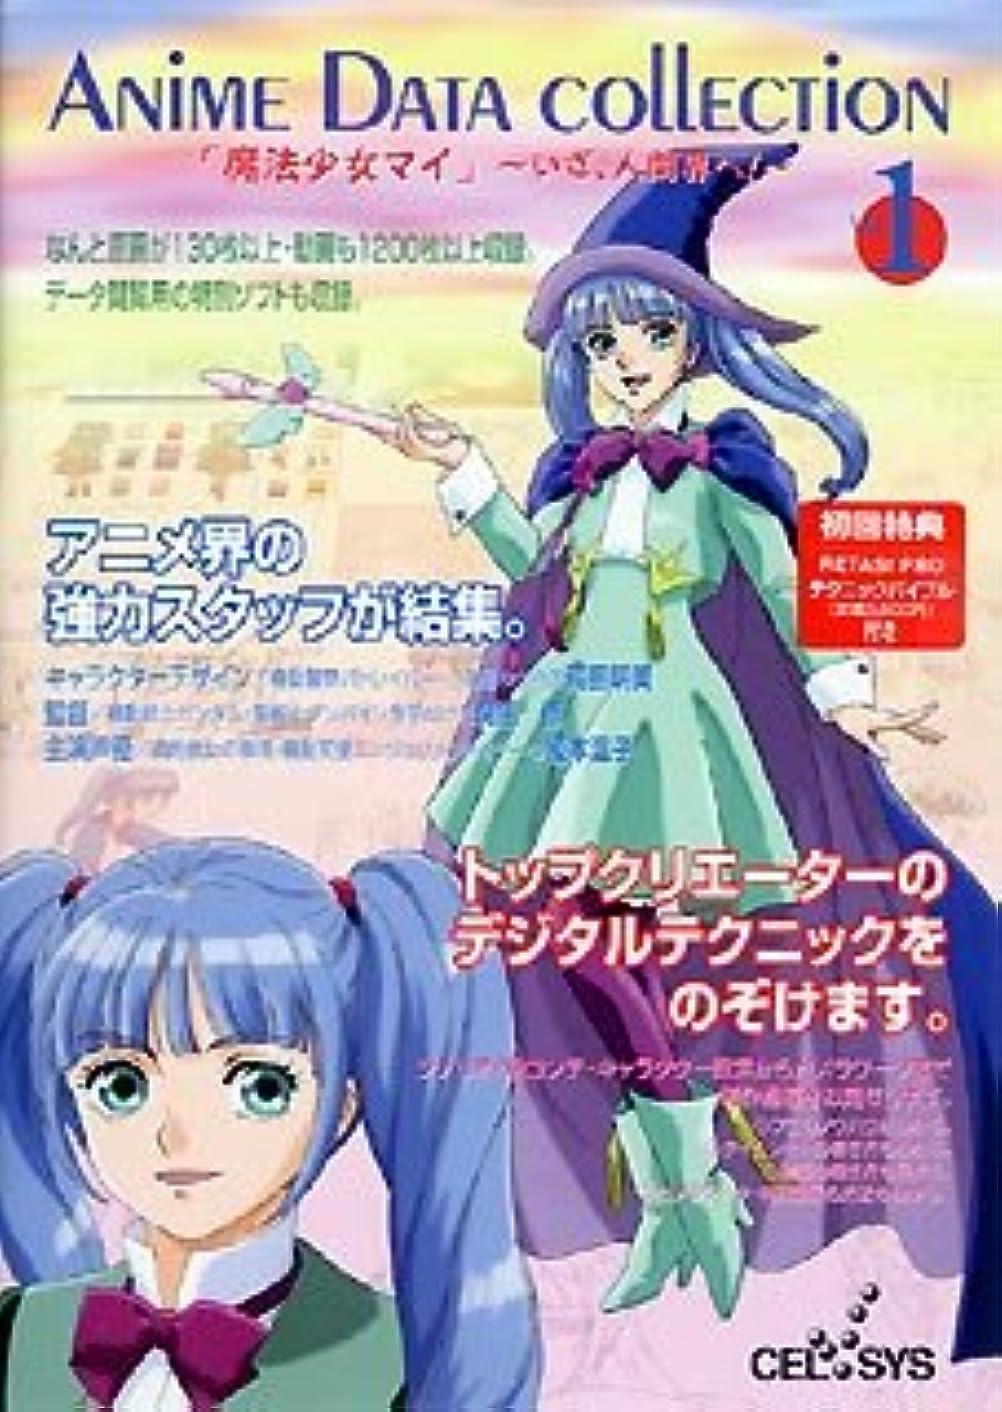 熟考する成功木Anime Data collection Vol.1 「魔法少女マイ」 ~いざ、人間界へ!~